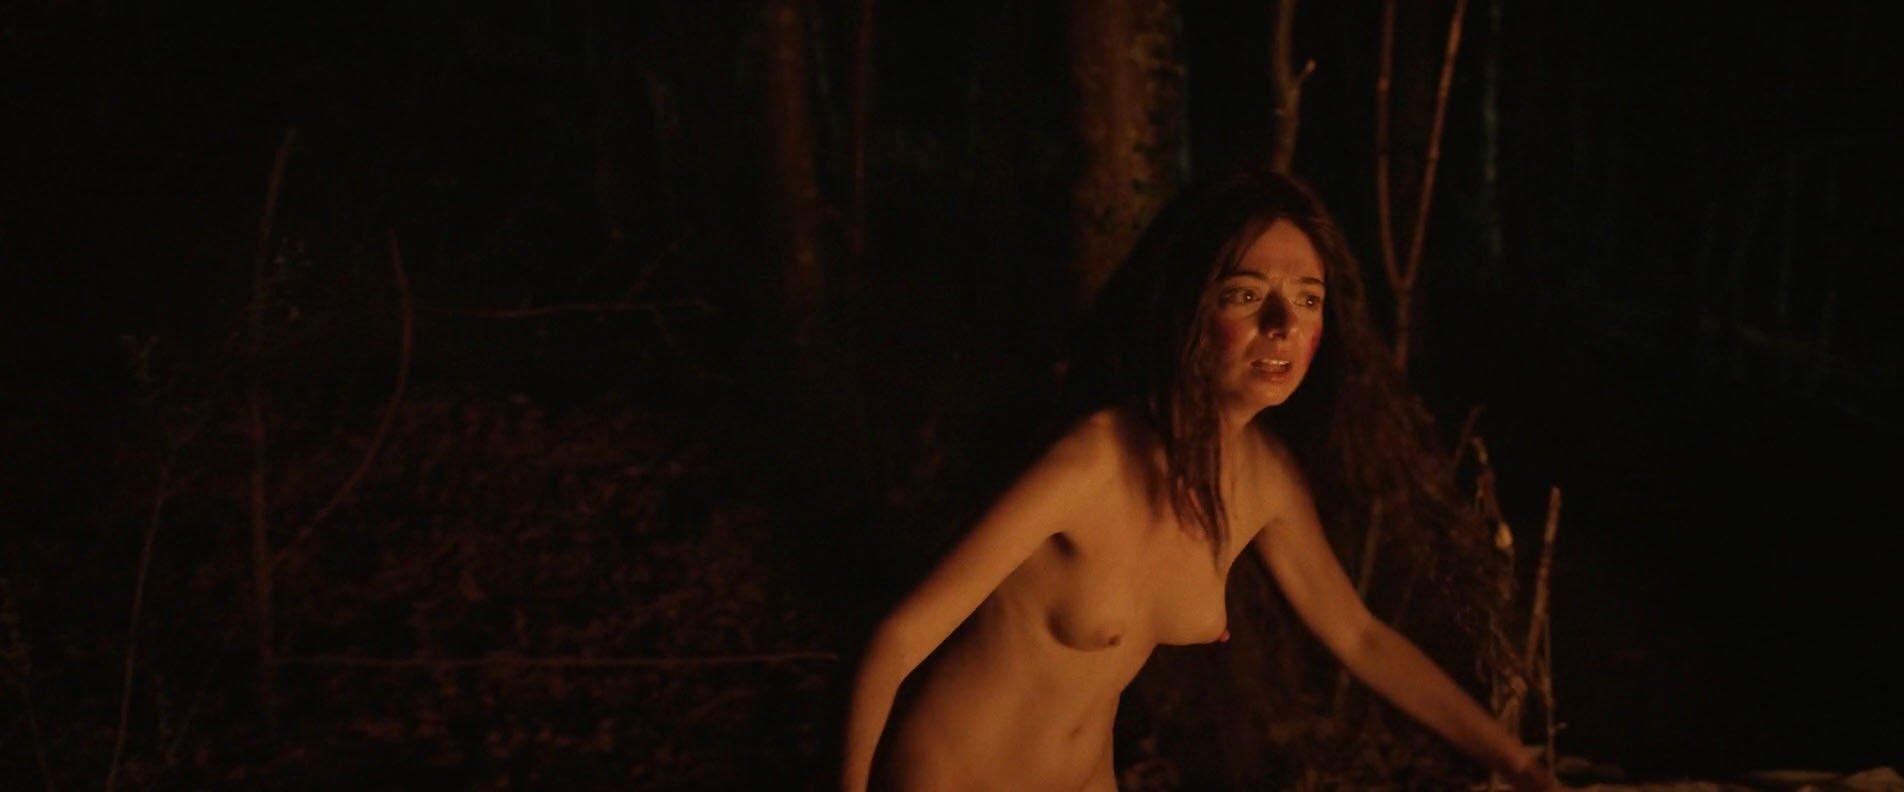 Aubrey Plaza nude, Jemima Kirke nude, Kate Micucci nude - The Little Hours (2017)